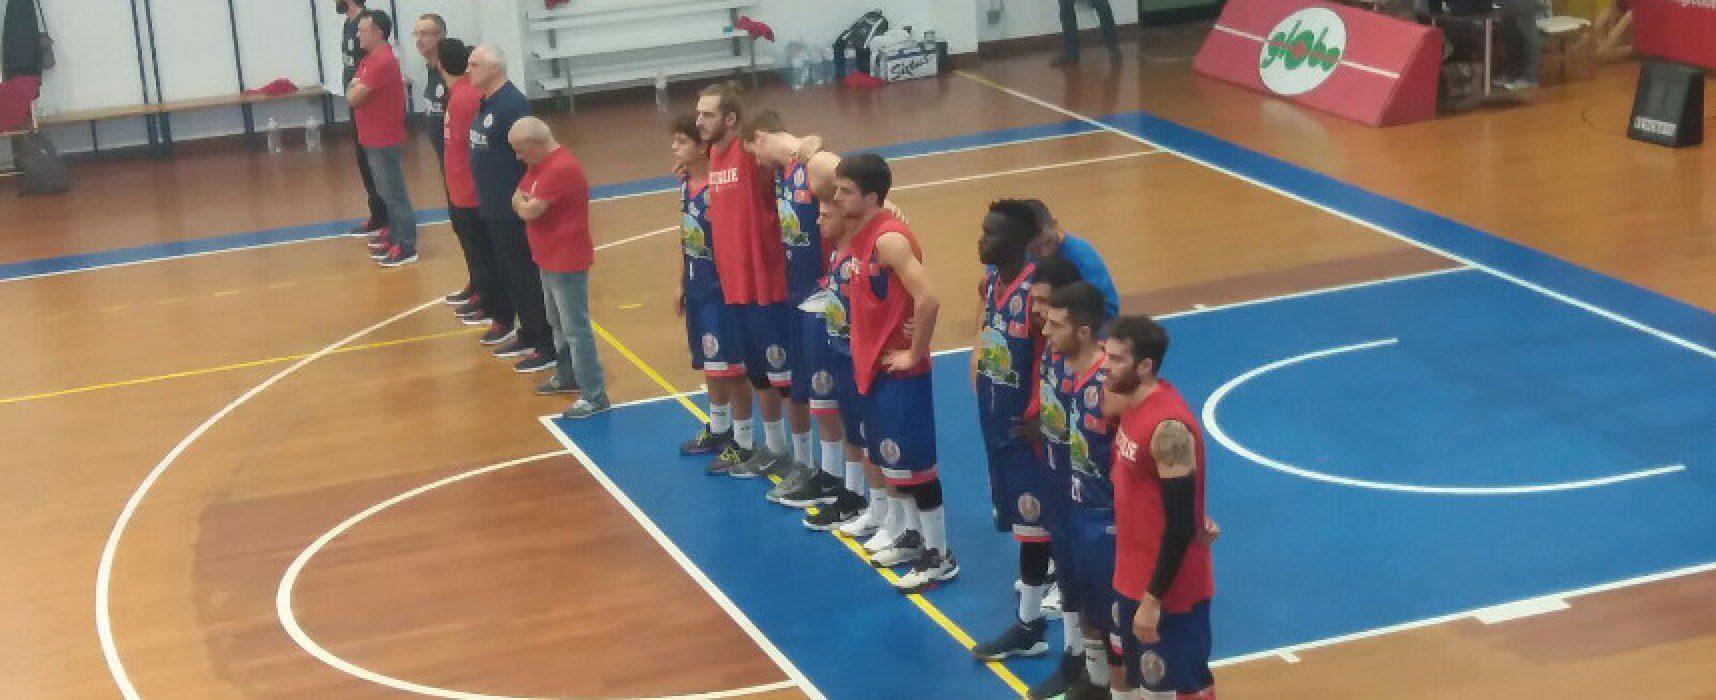 Basket, pesantissima sconfitta contro Giulianova per la Di Pinto Panifici